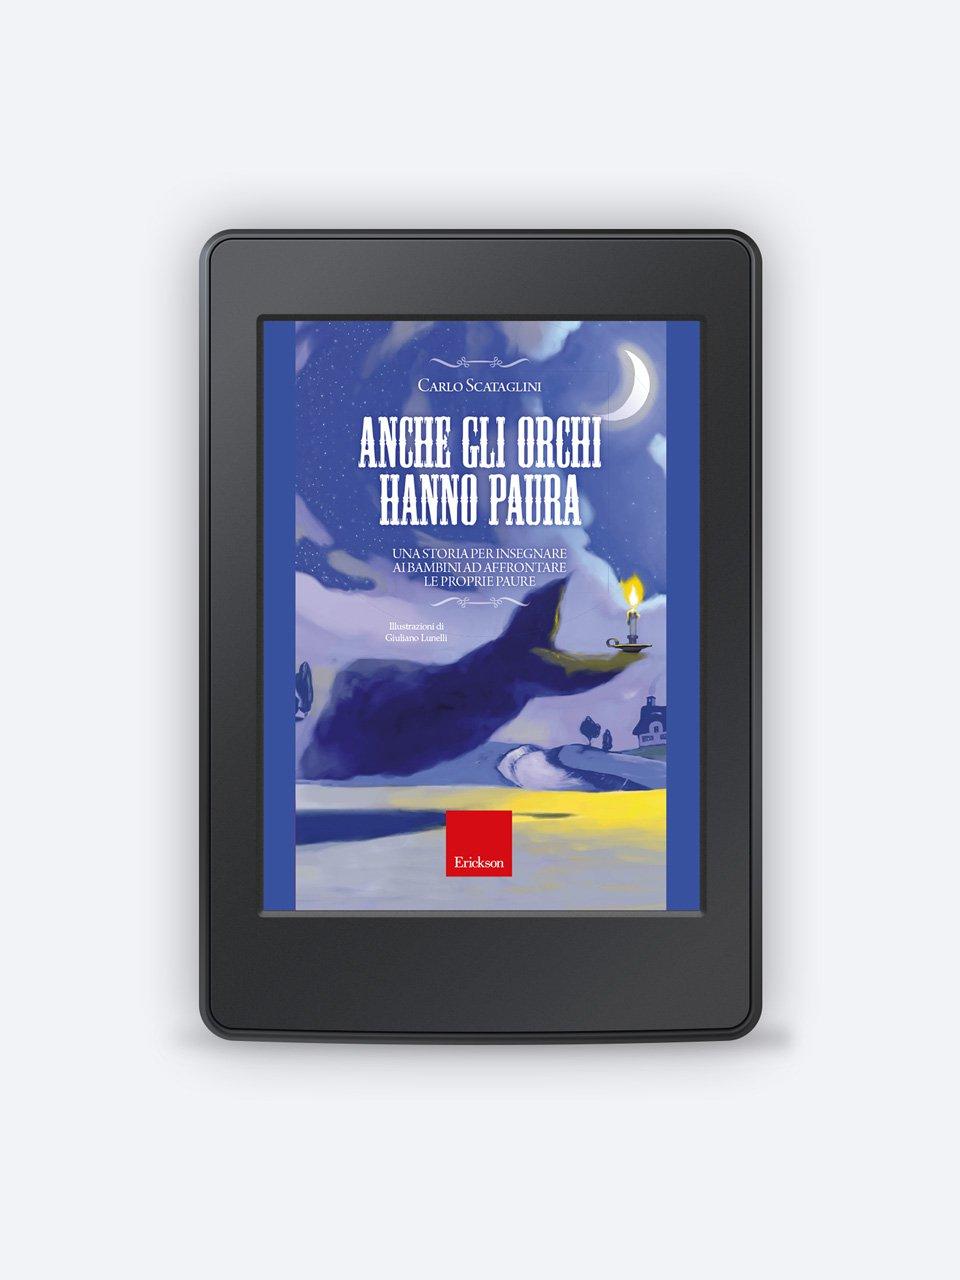 Anche gli orchi hanno paura - Giochi - Libri - Erickson